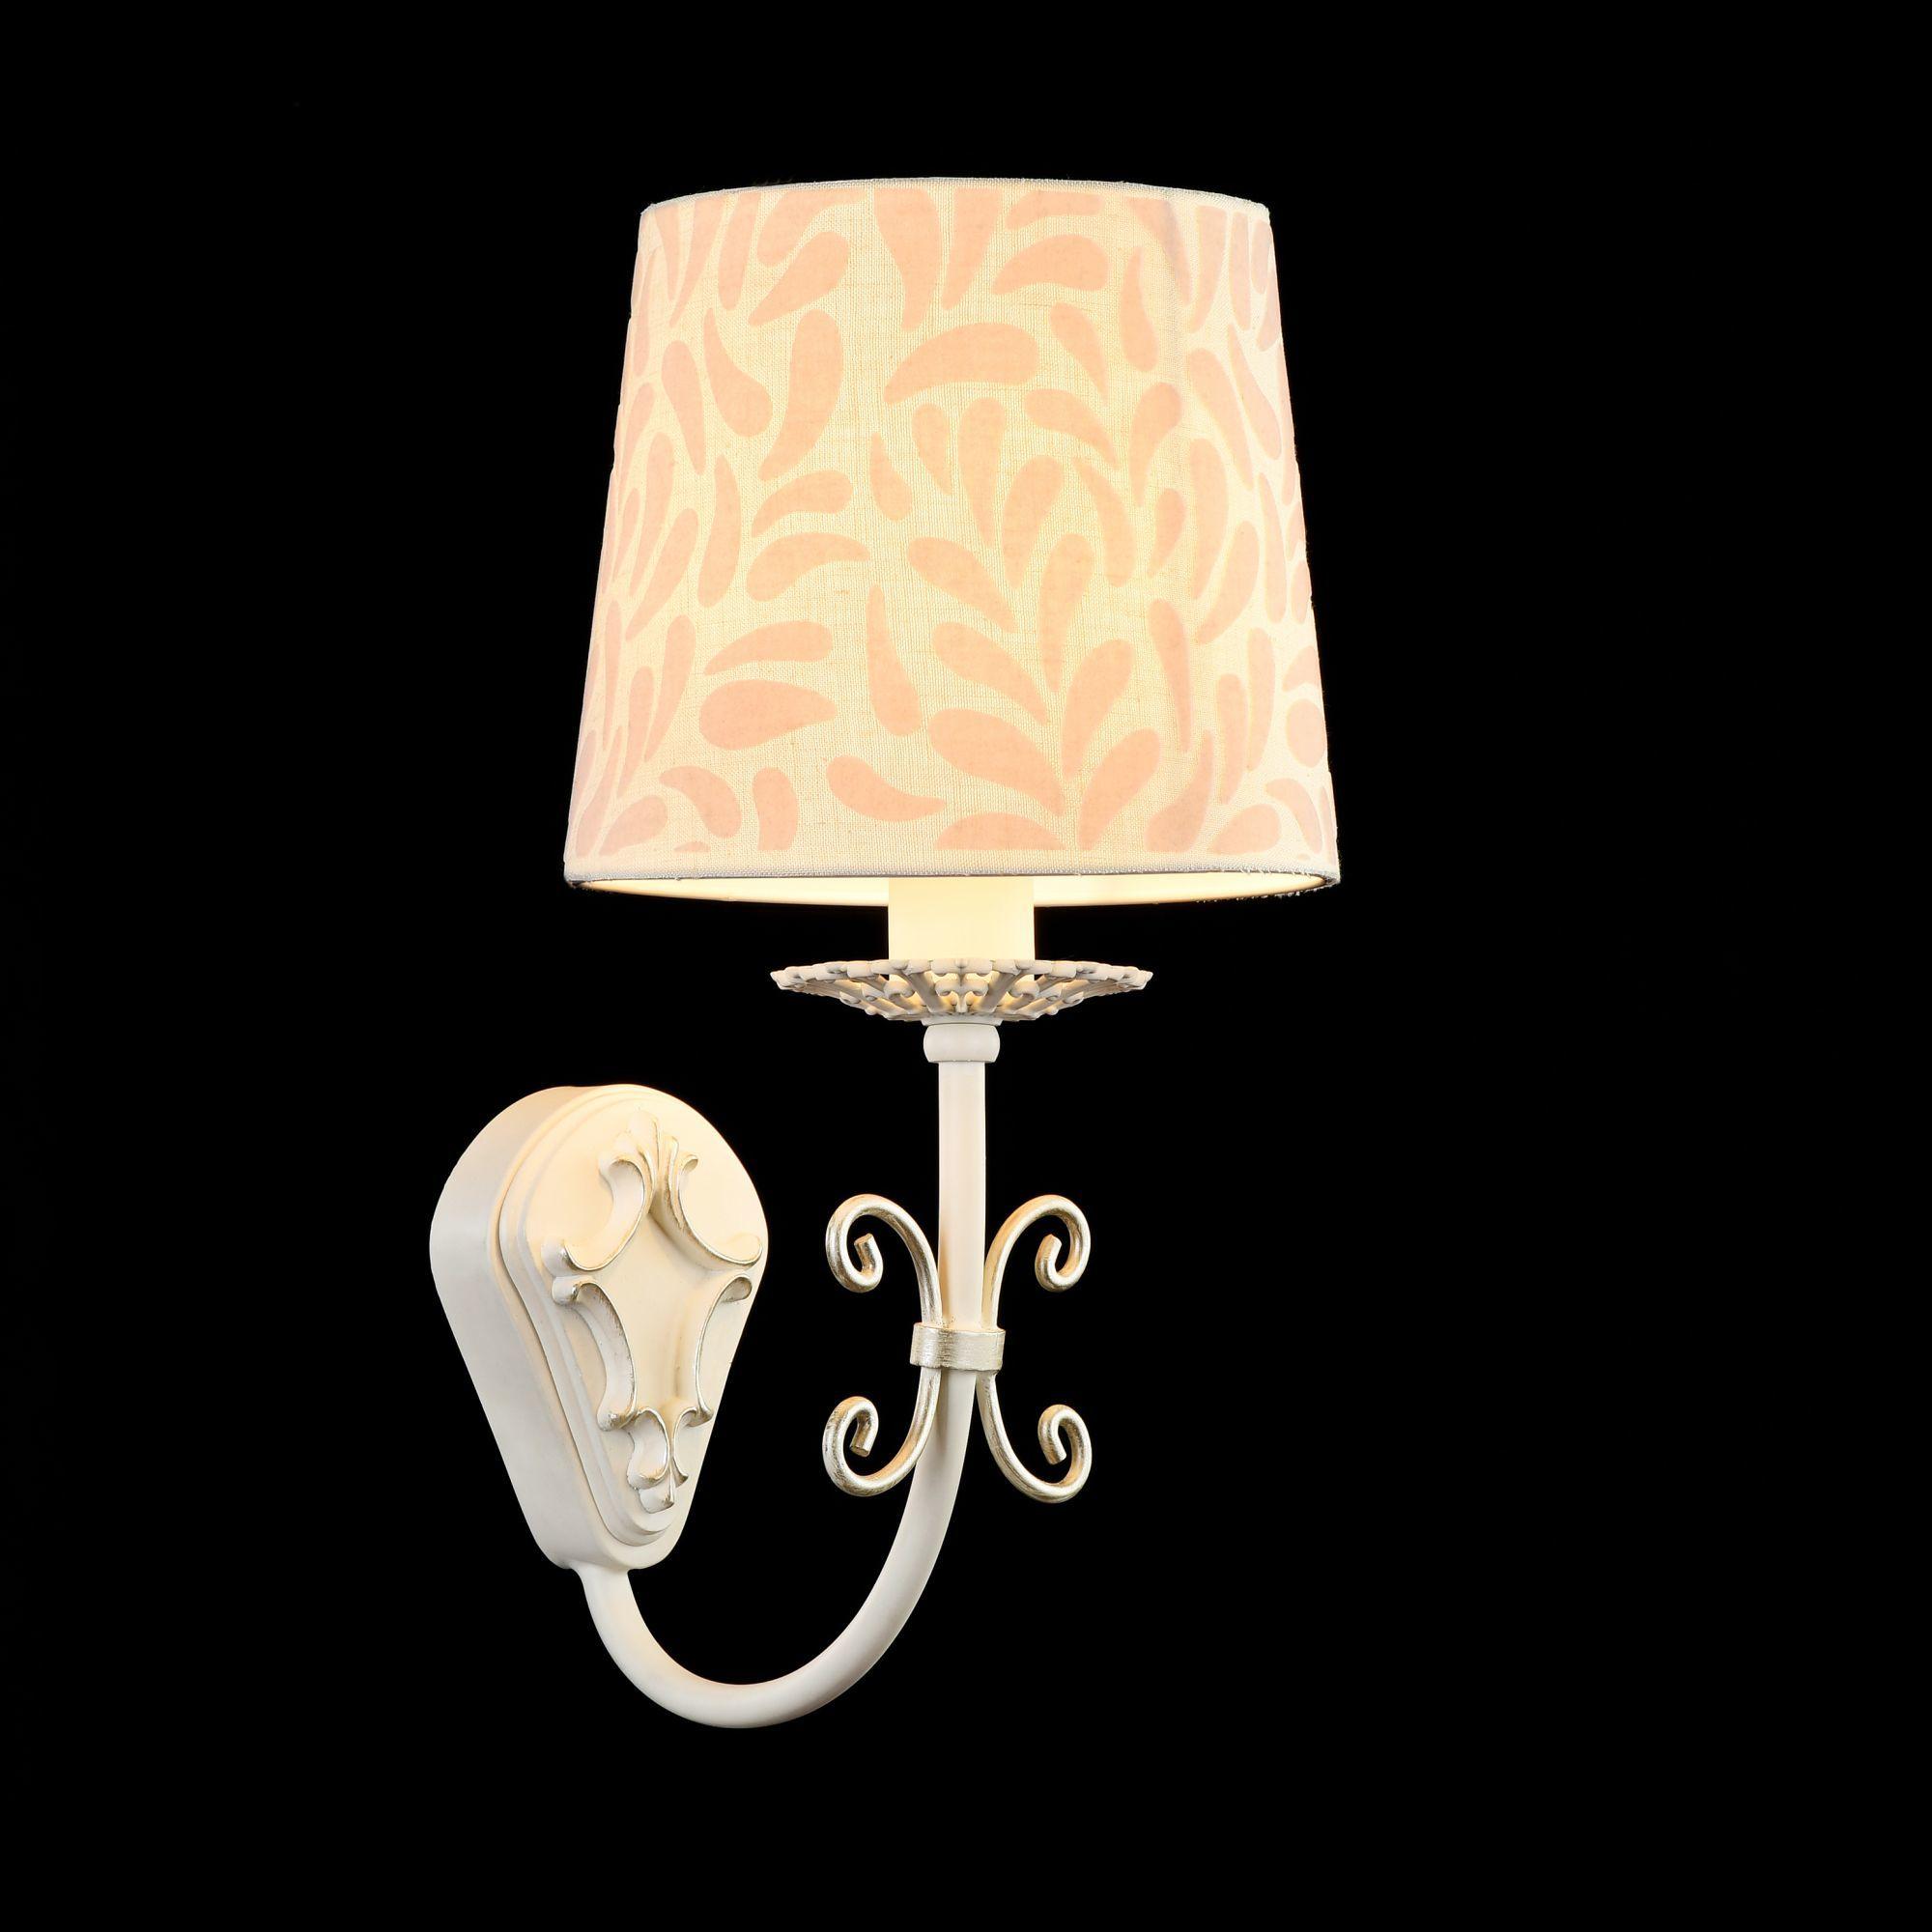 Бра Maytoni Classic Elegant Emilia ARM737-WL-01-W, 1xE14x40W, белый, бежевый, металл, текстиль - фото 4